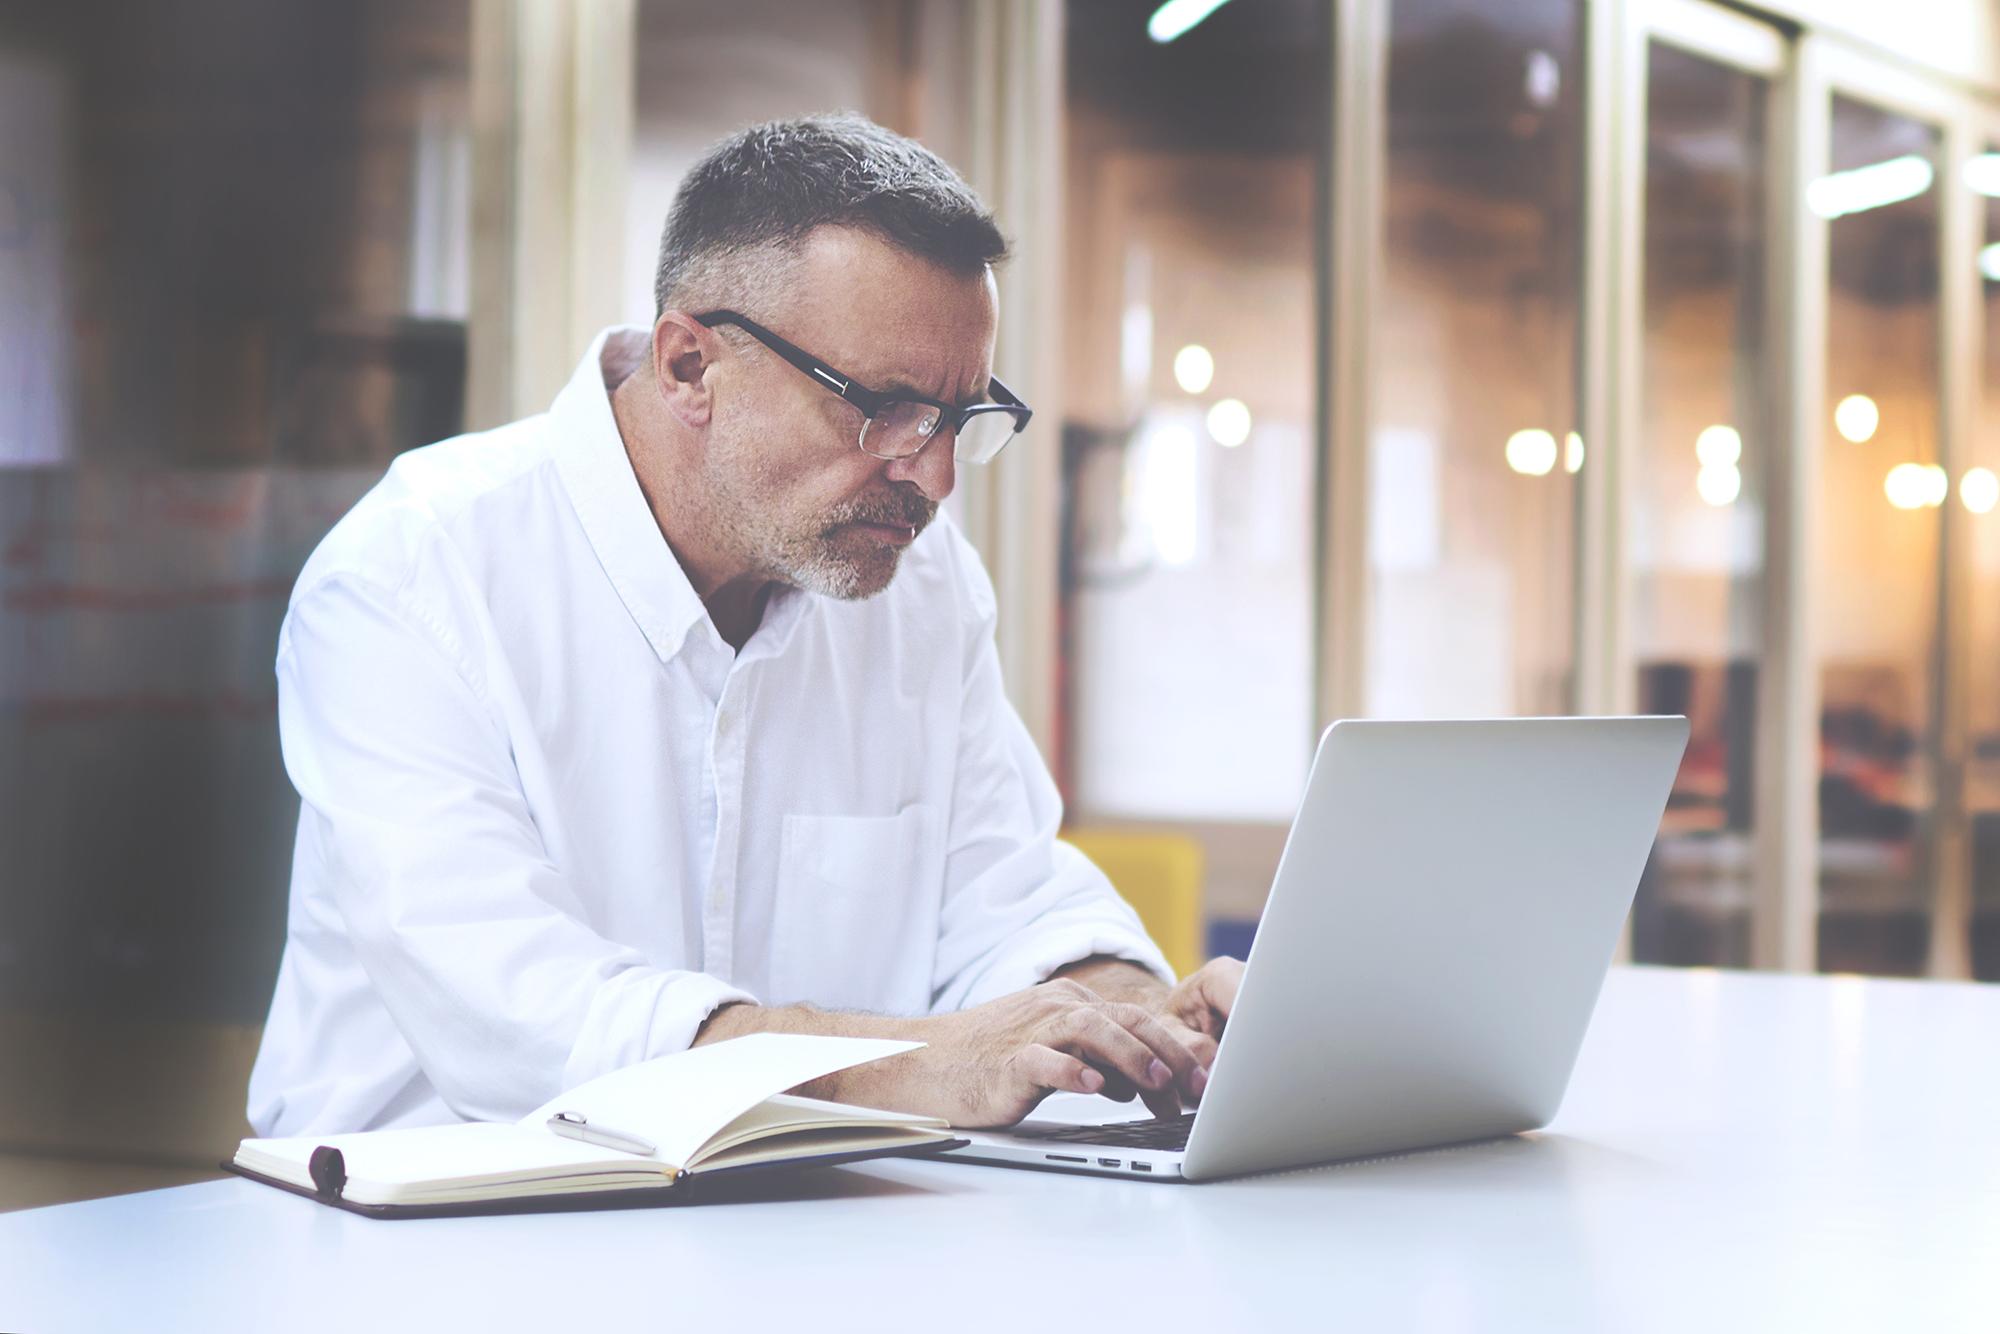 man writing blog on laptop